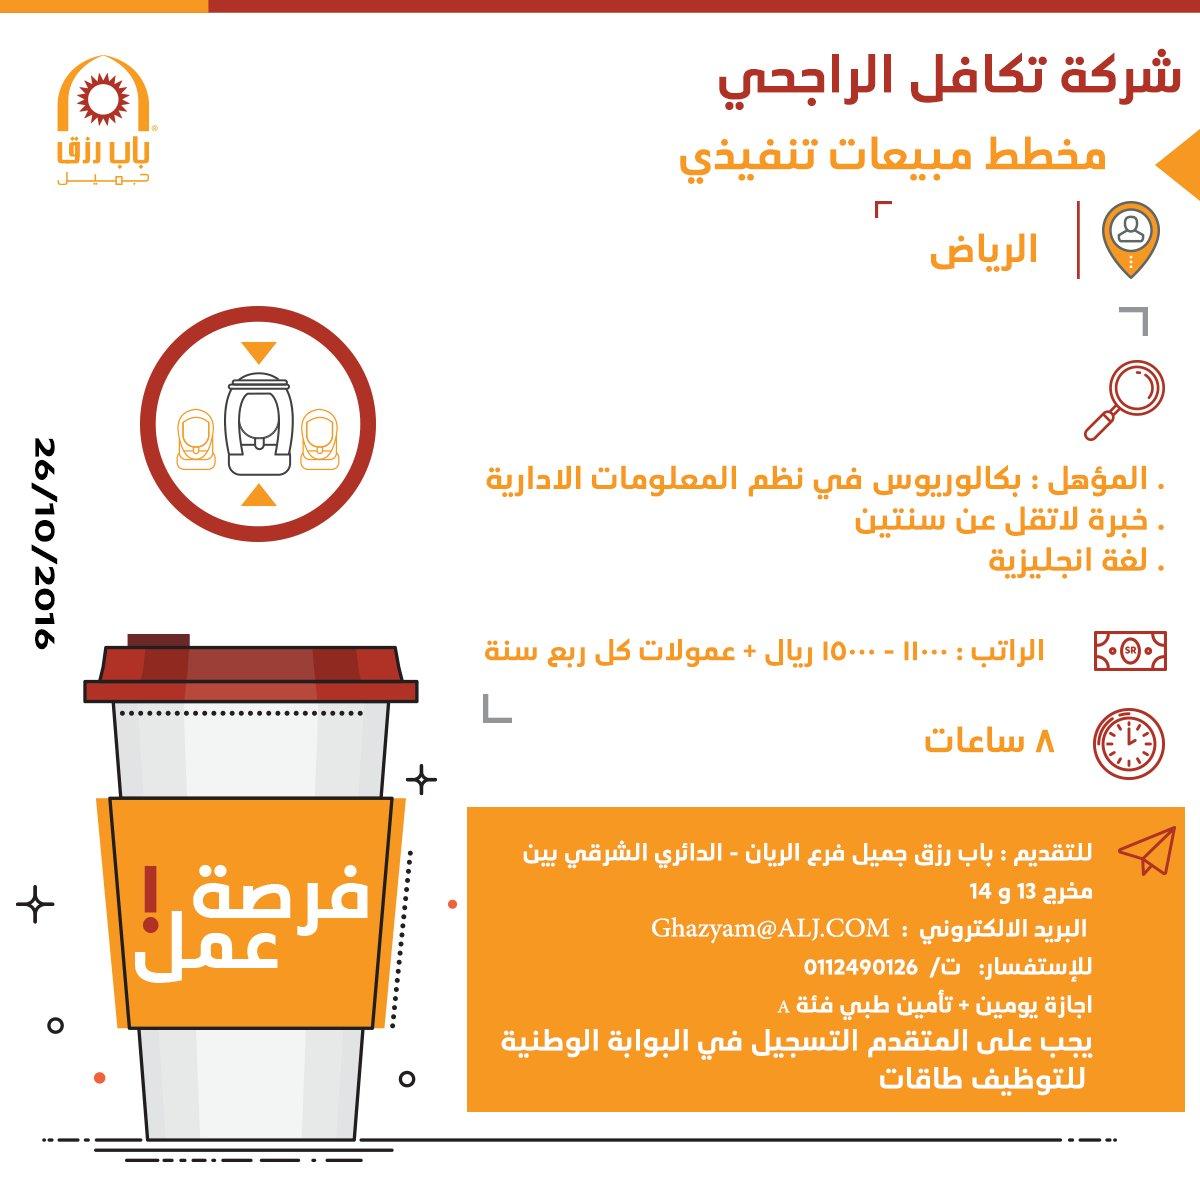 مطلوب مخطط مبيعات تنفيذي لشركة تكافل الراجحي - الرياض